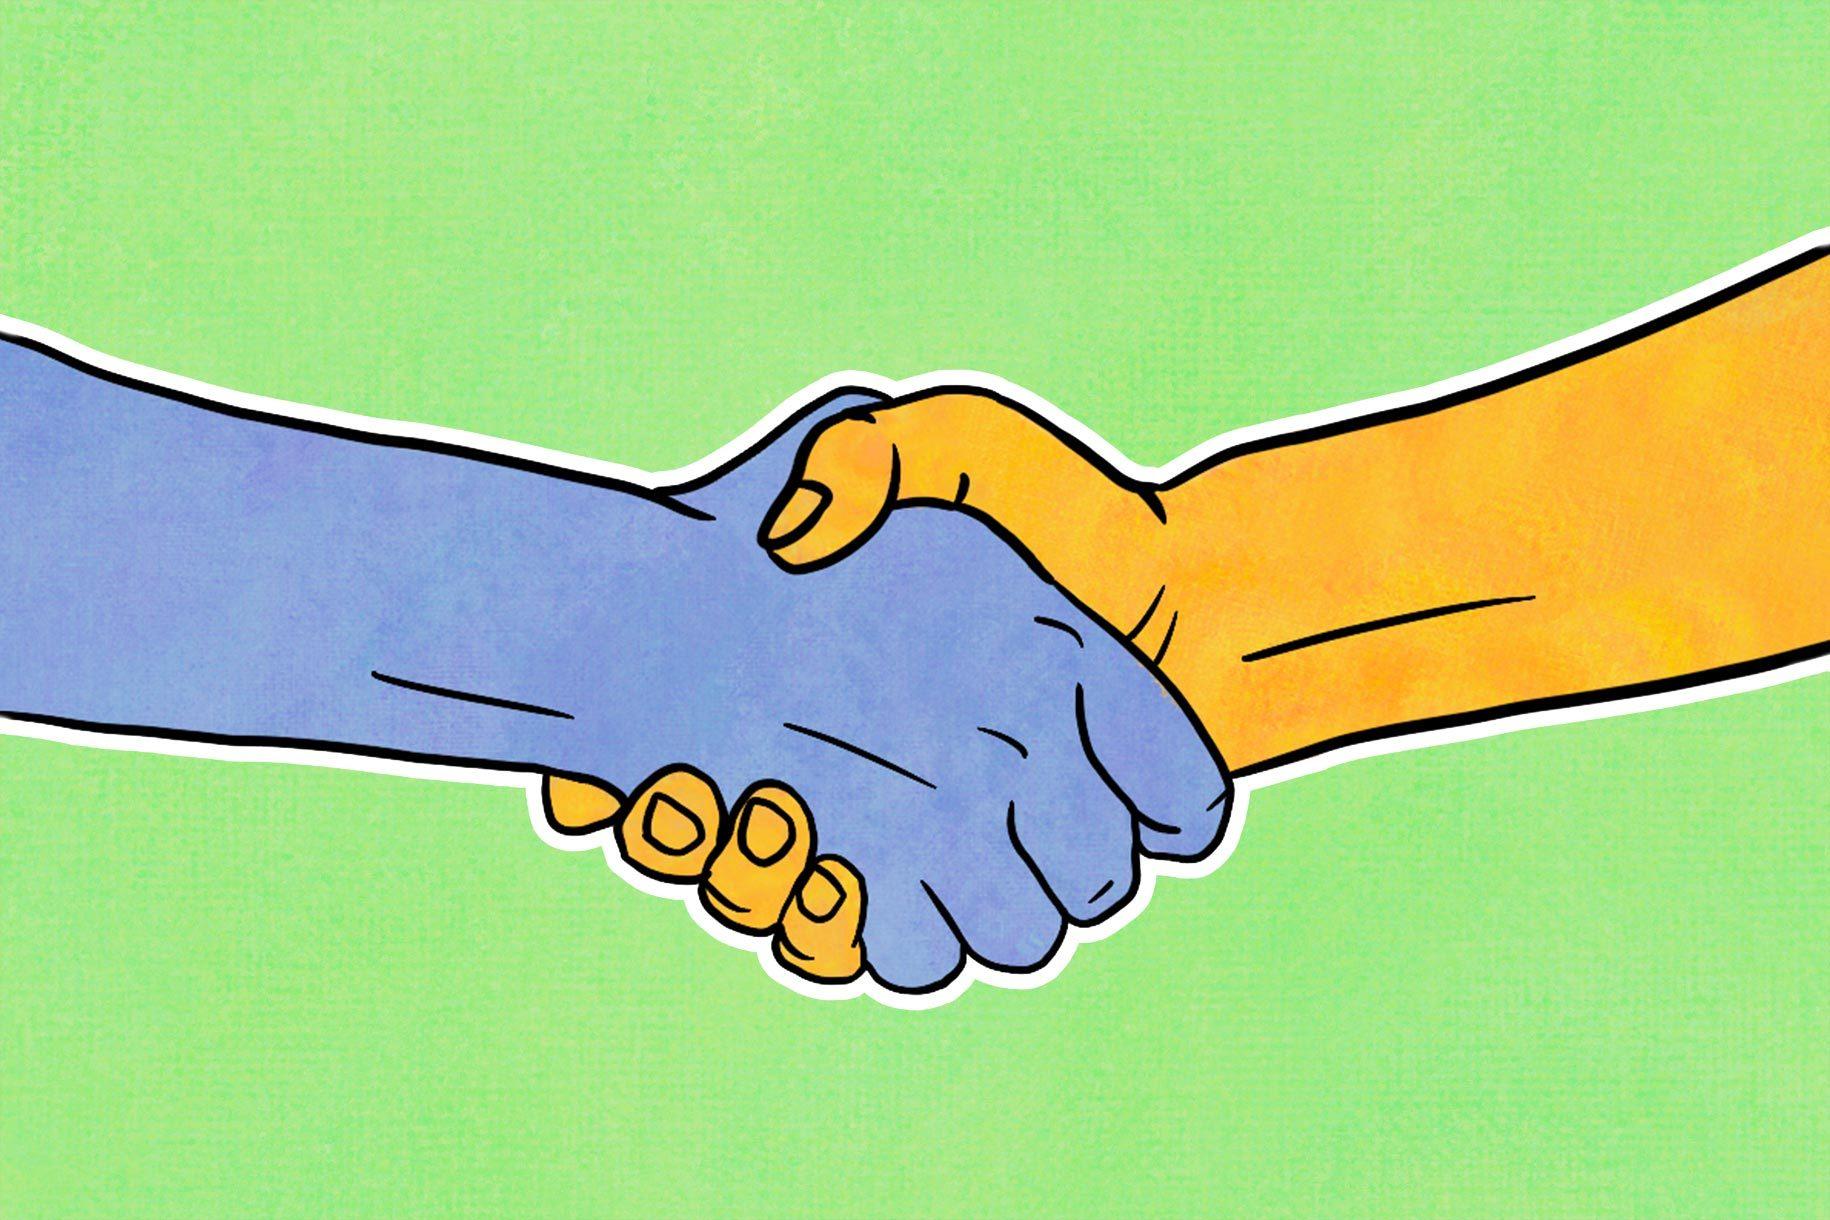 Handshake origin